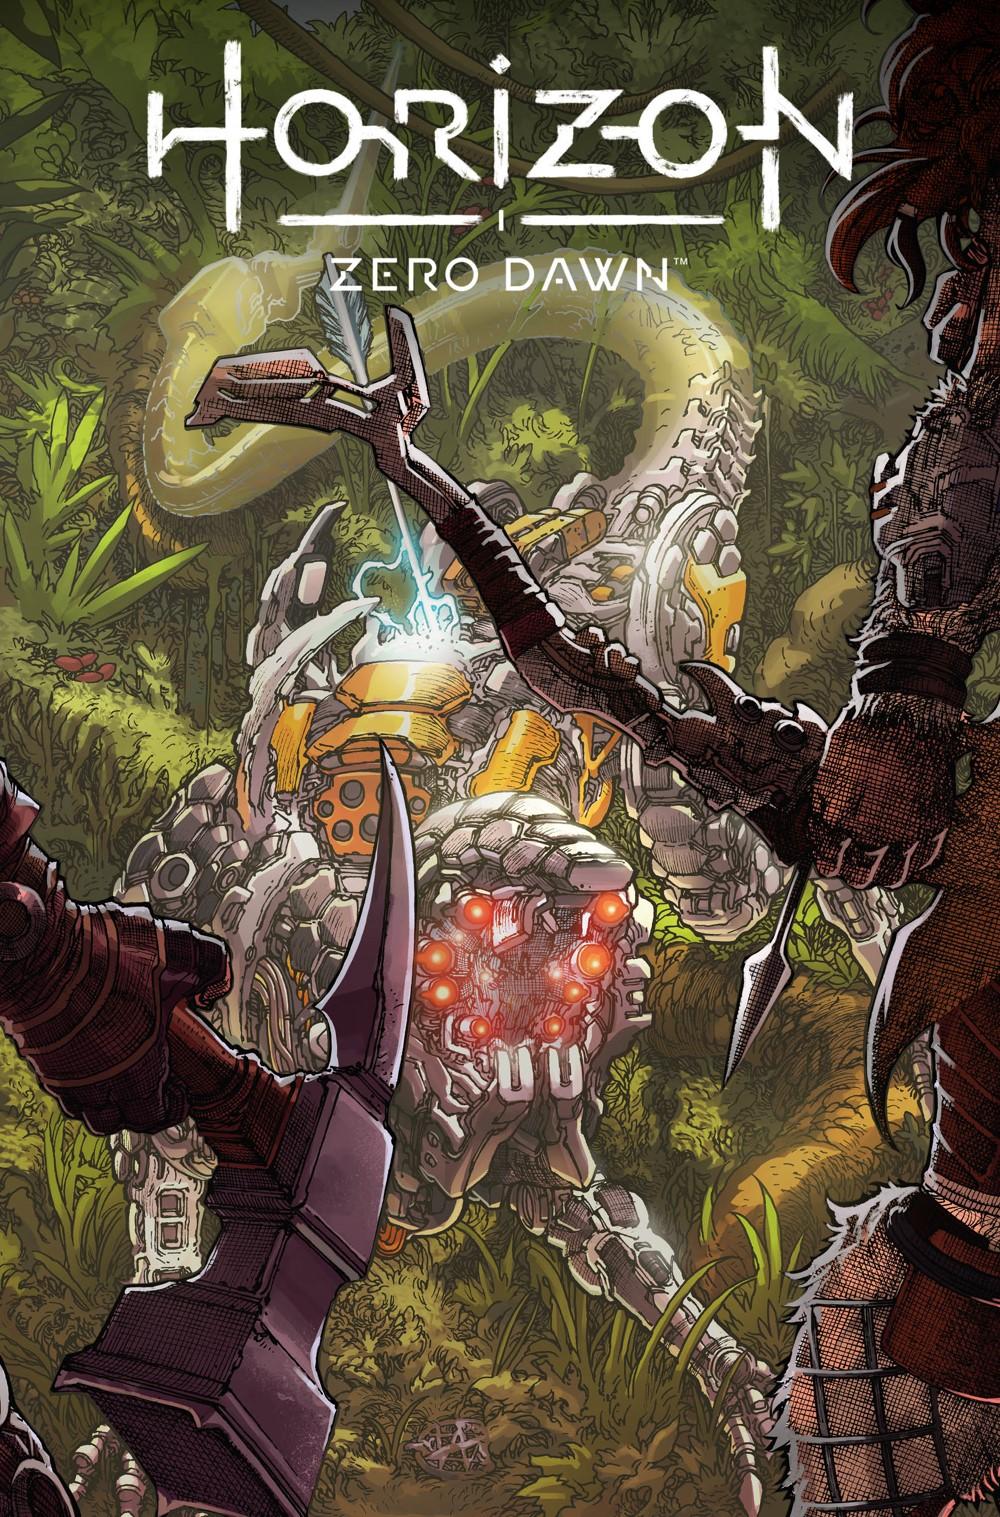 HorizonZeroDawn24_00_Cover_C Titan Comics October 2021 Solicitations